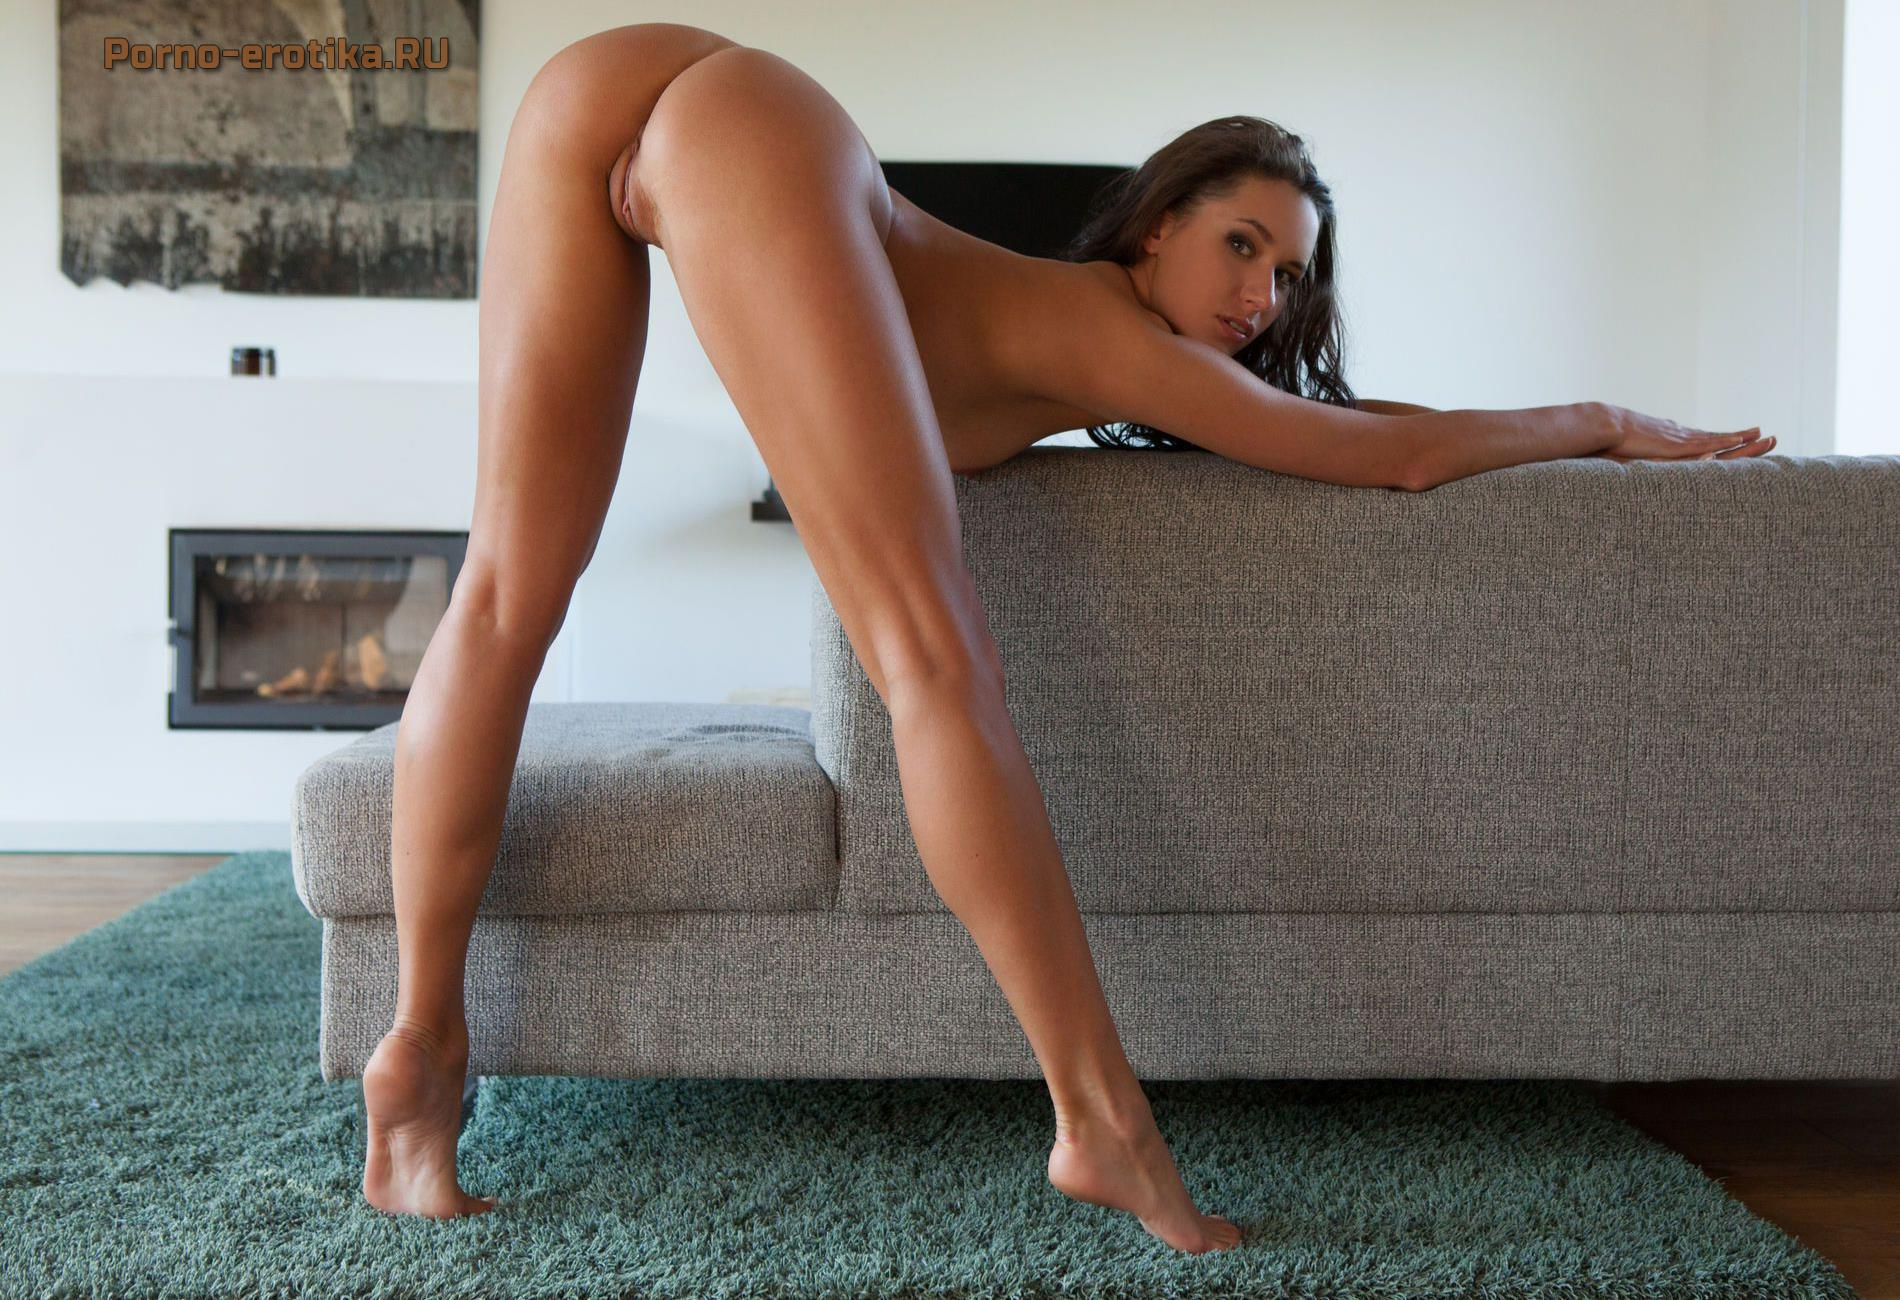 Стройные ножки порно видео онлайн